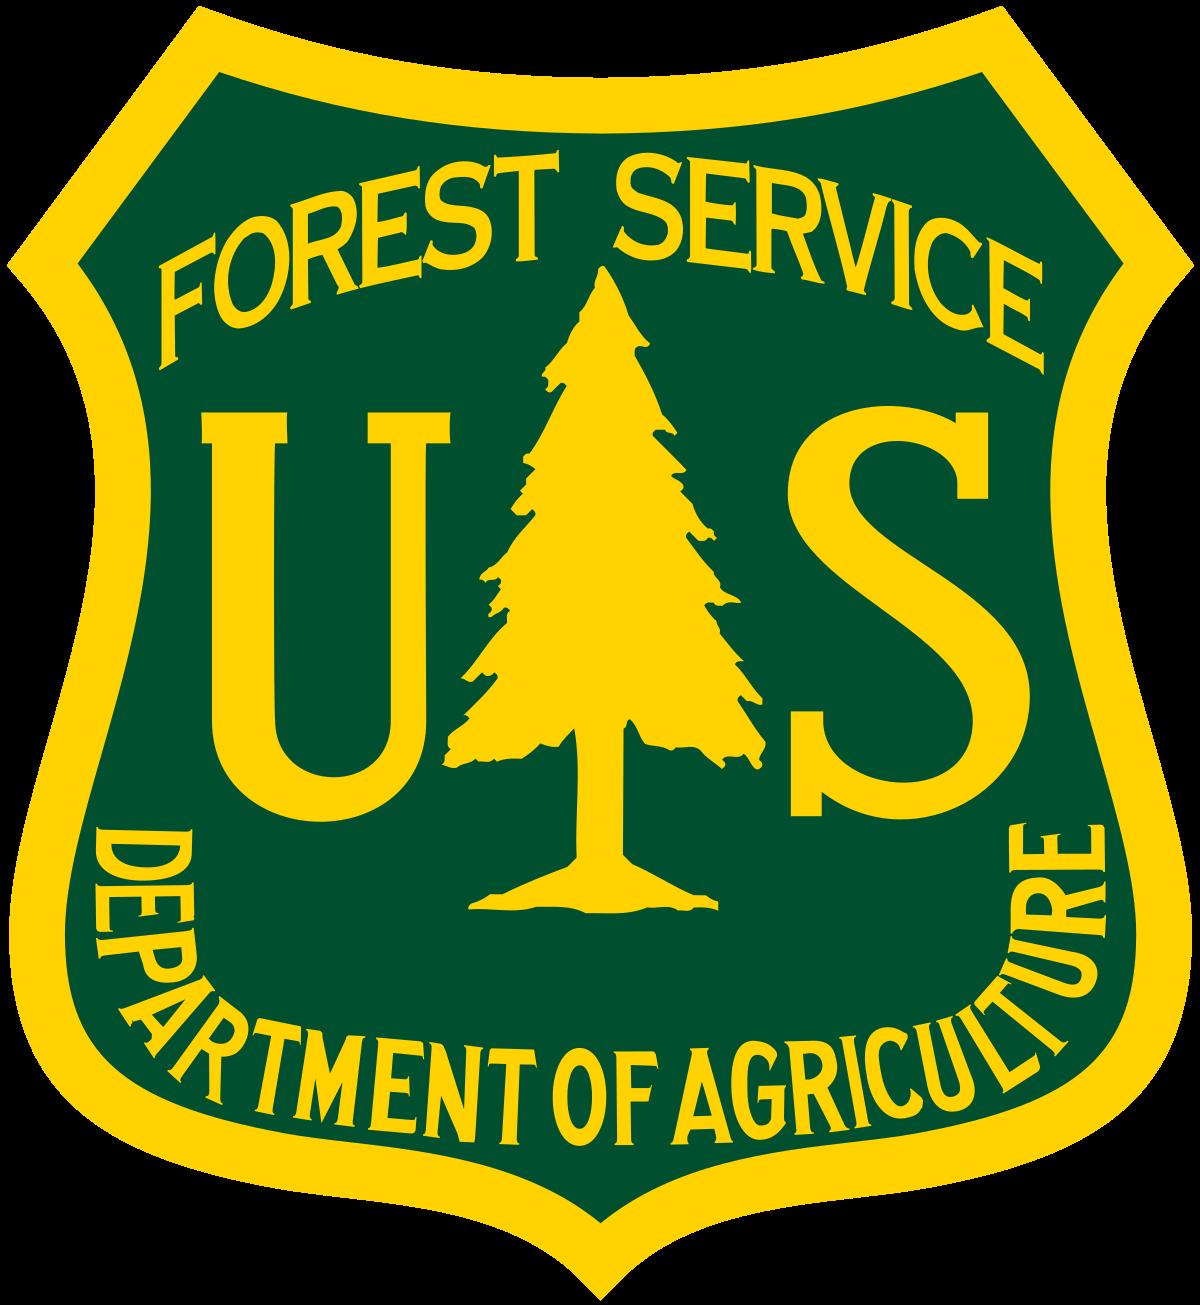 Servicio Forestal de los Estados Unidos